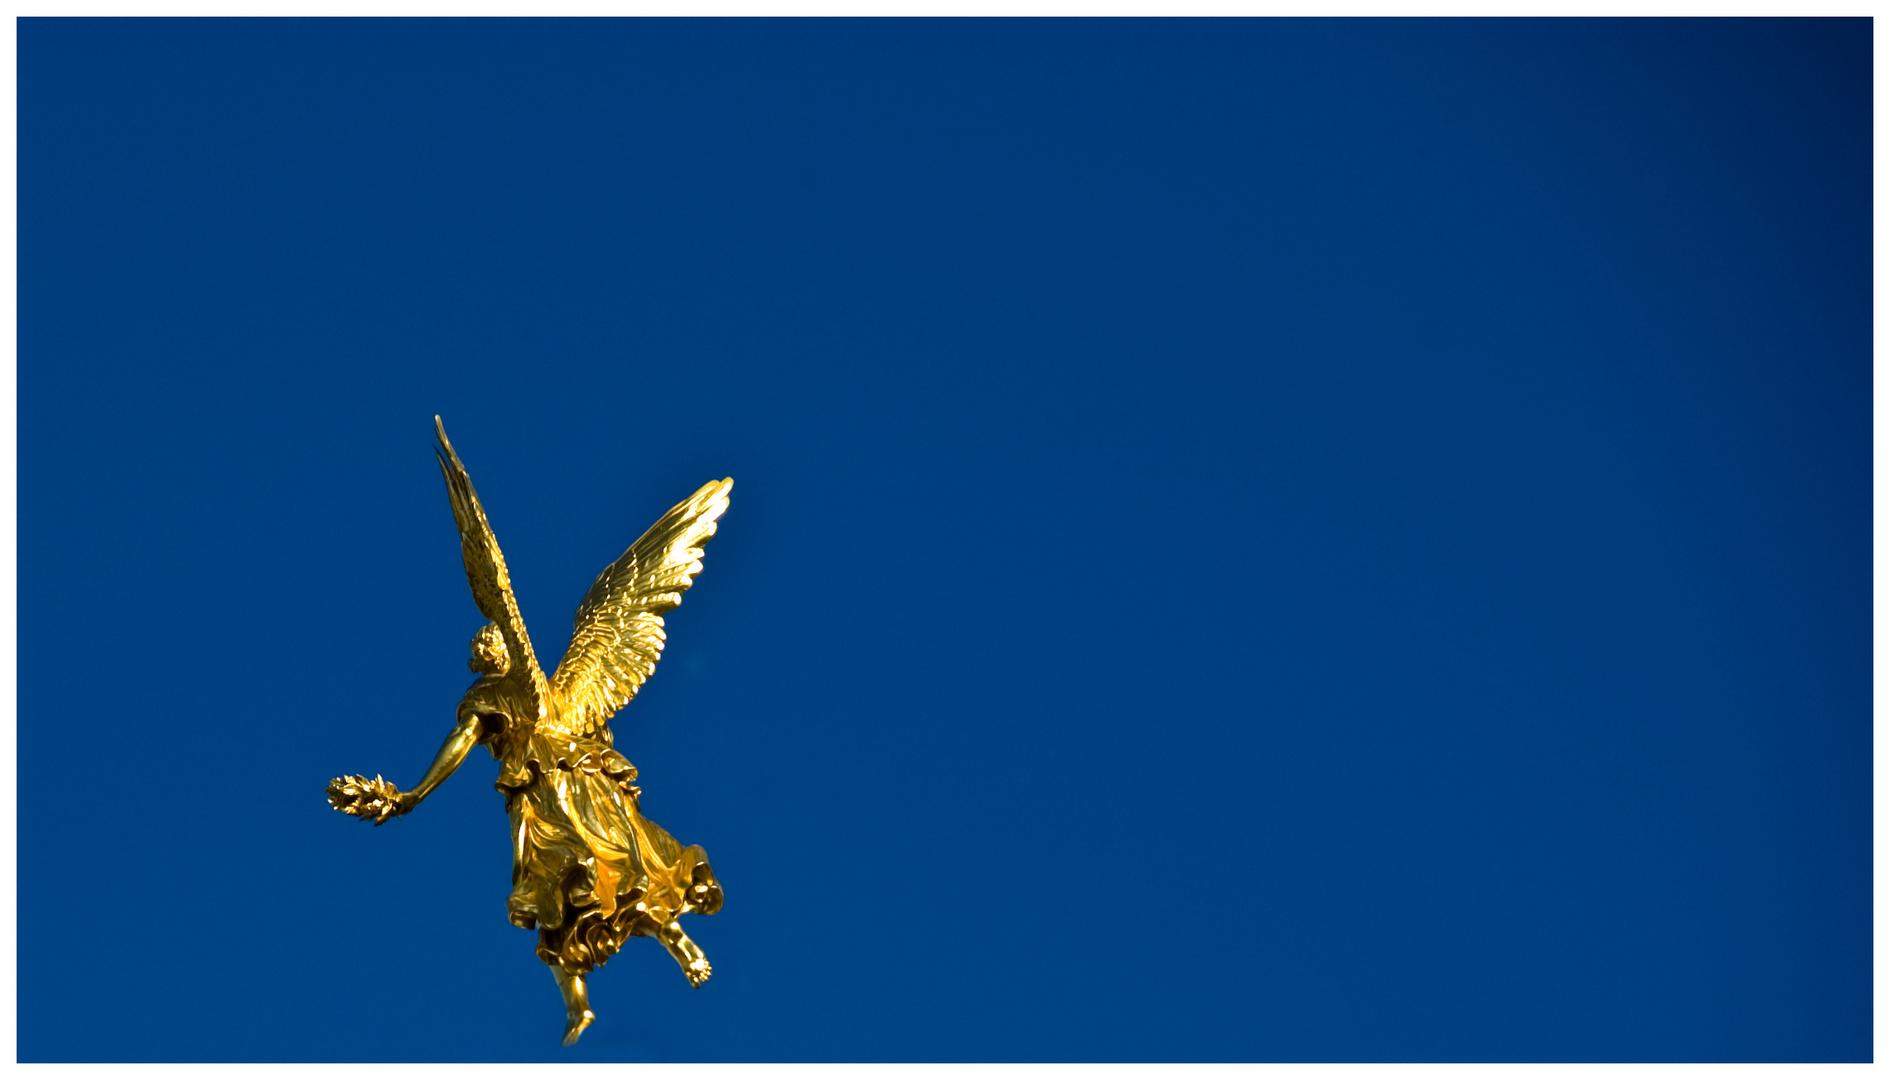 Ein Engel macht Urlaub - Engel vom Dach der Kunstakedamie Dresden